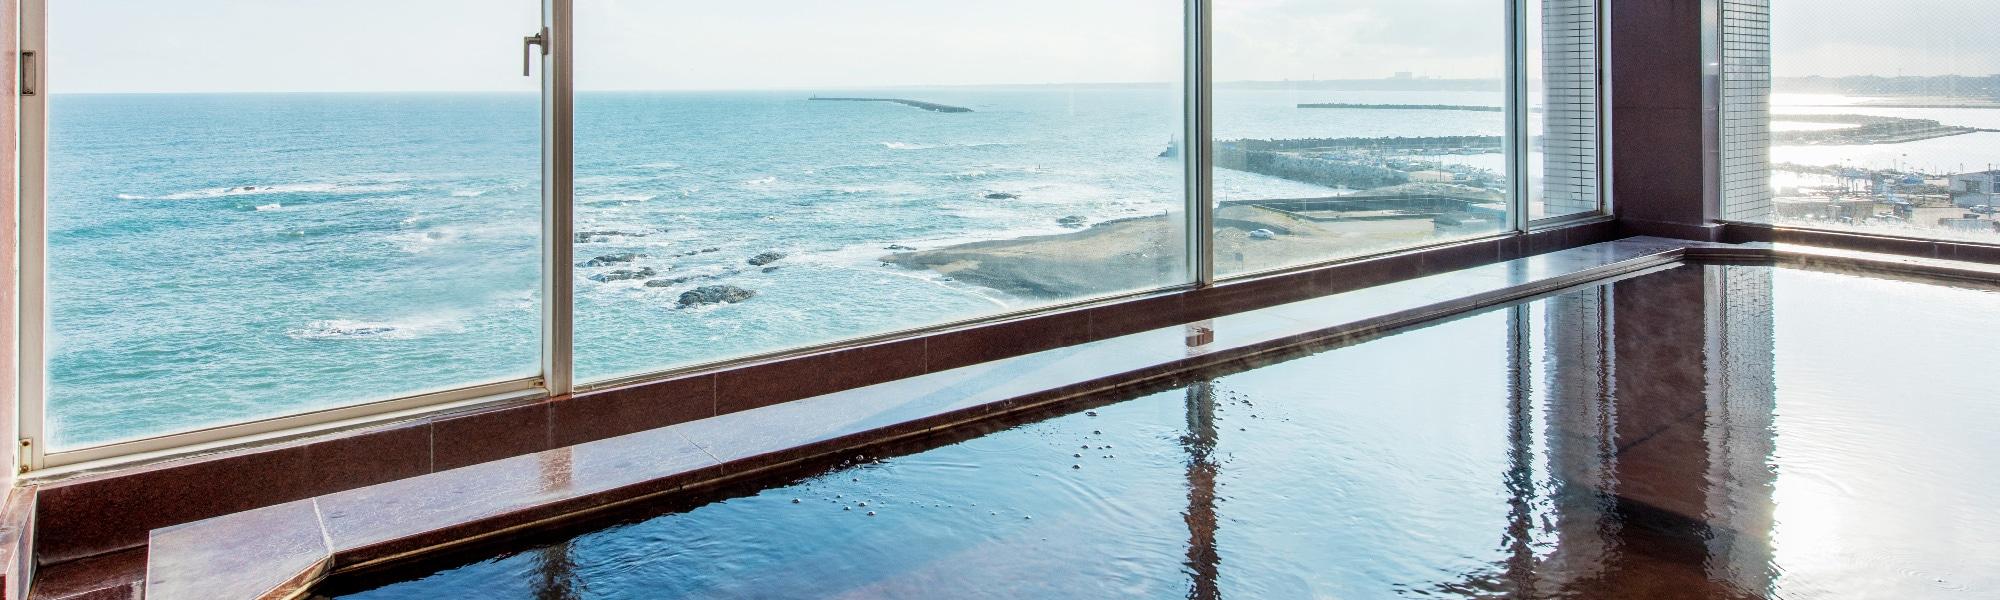 海の見える浴場